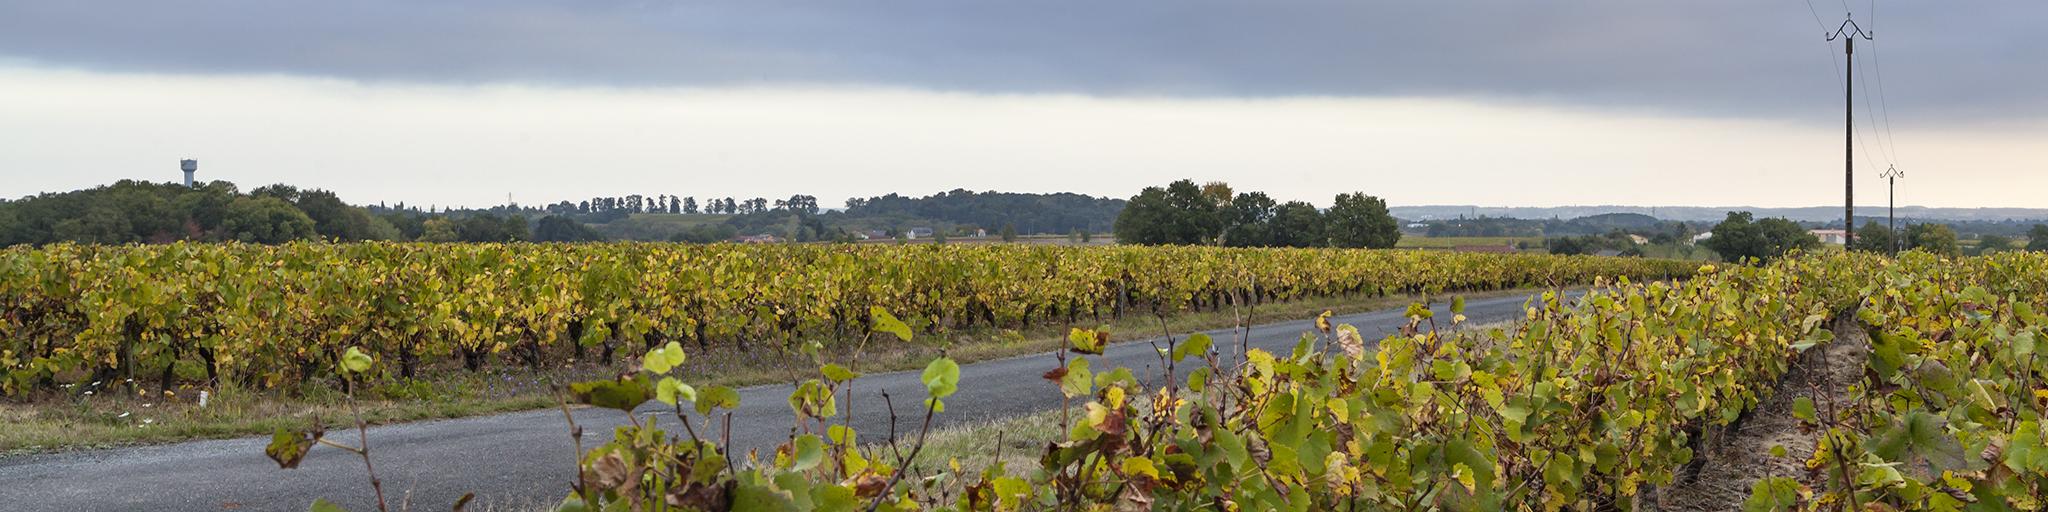 wijngaard, wijnstokken, melon de bourgogne, Haute Févrie, muscadet sur lie